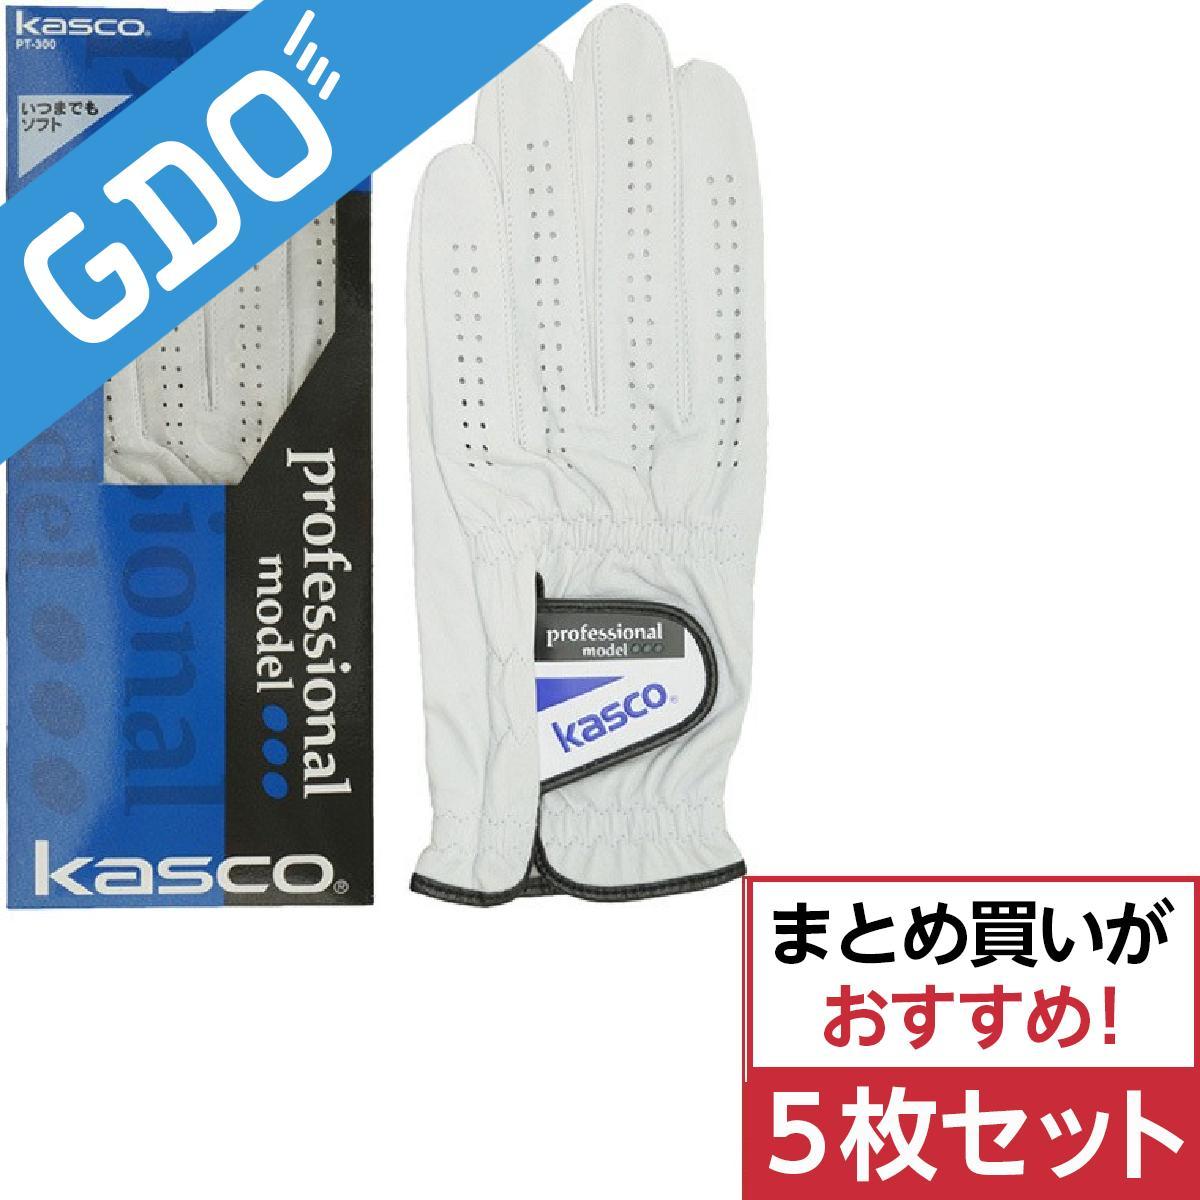 キャスコ KASCO ソフトシープ プロフェッショナルモデルグローブ PT-300 5枚組[ゴルフ用品 ゴルフグローブ golf メンズ ゴルフ用手袋 ゴルフ手袋 アクセサリー gdo ゴルフ]